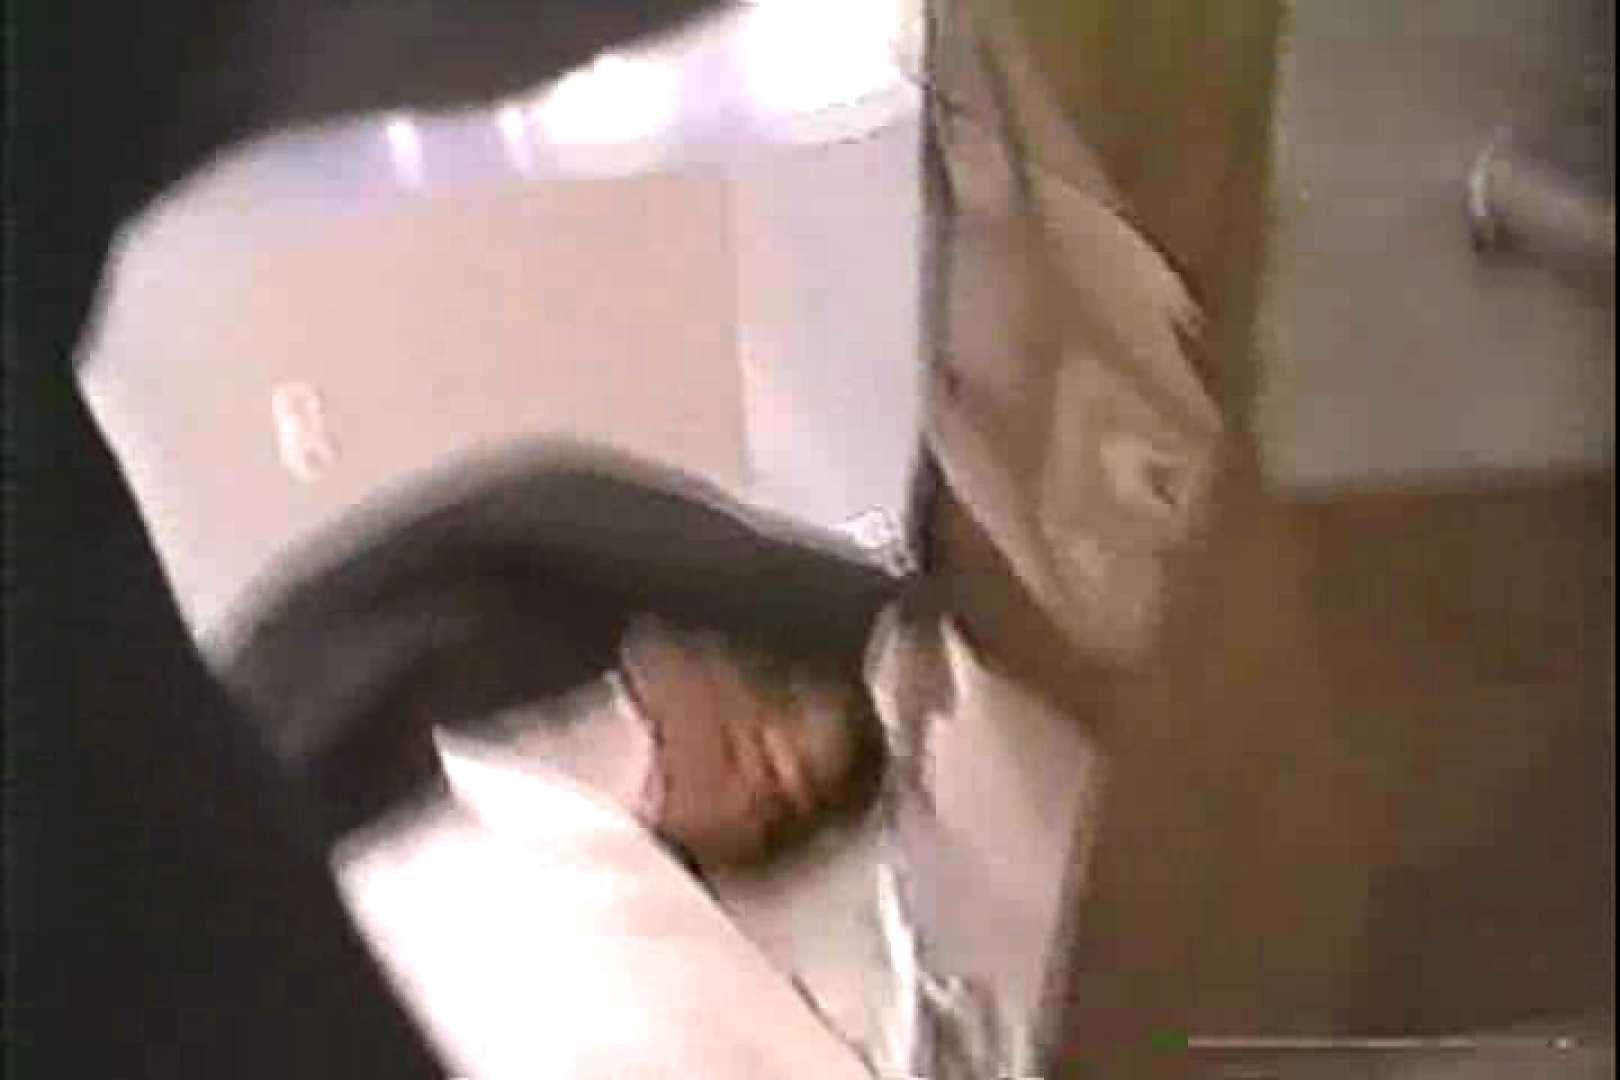 「ちくりん」さんのオリジナル未編集パンチラVol.6_01 パンチラのぞき  73画像 52